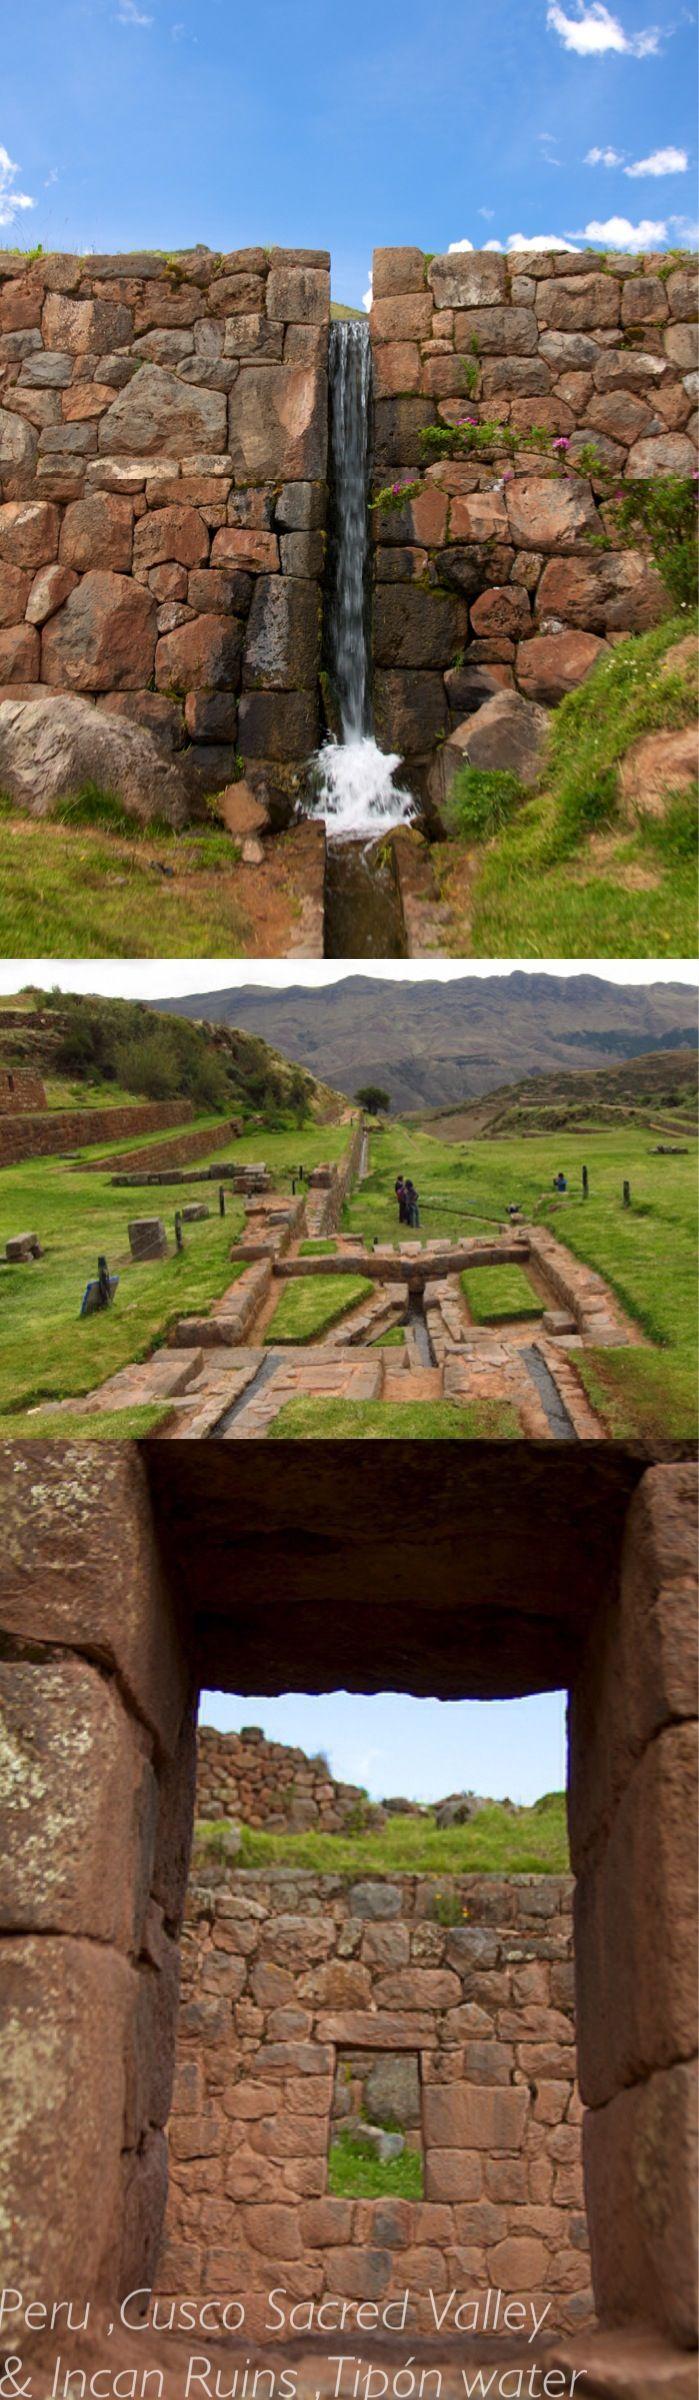 Peru, Incan Ruins